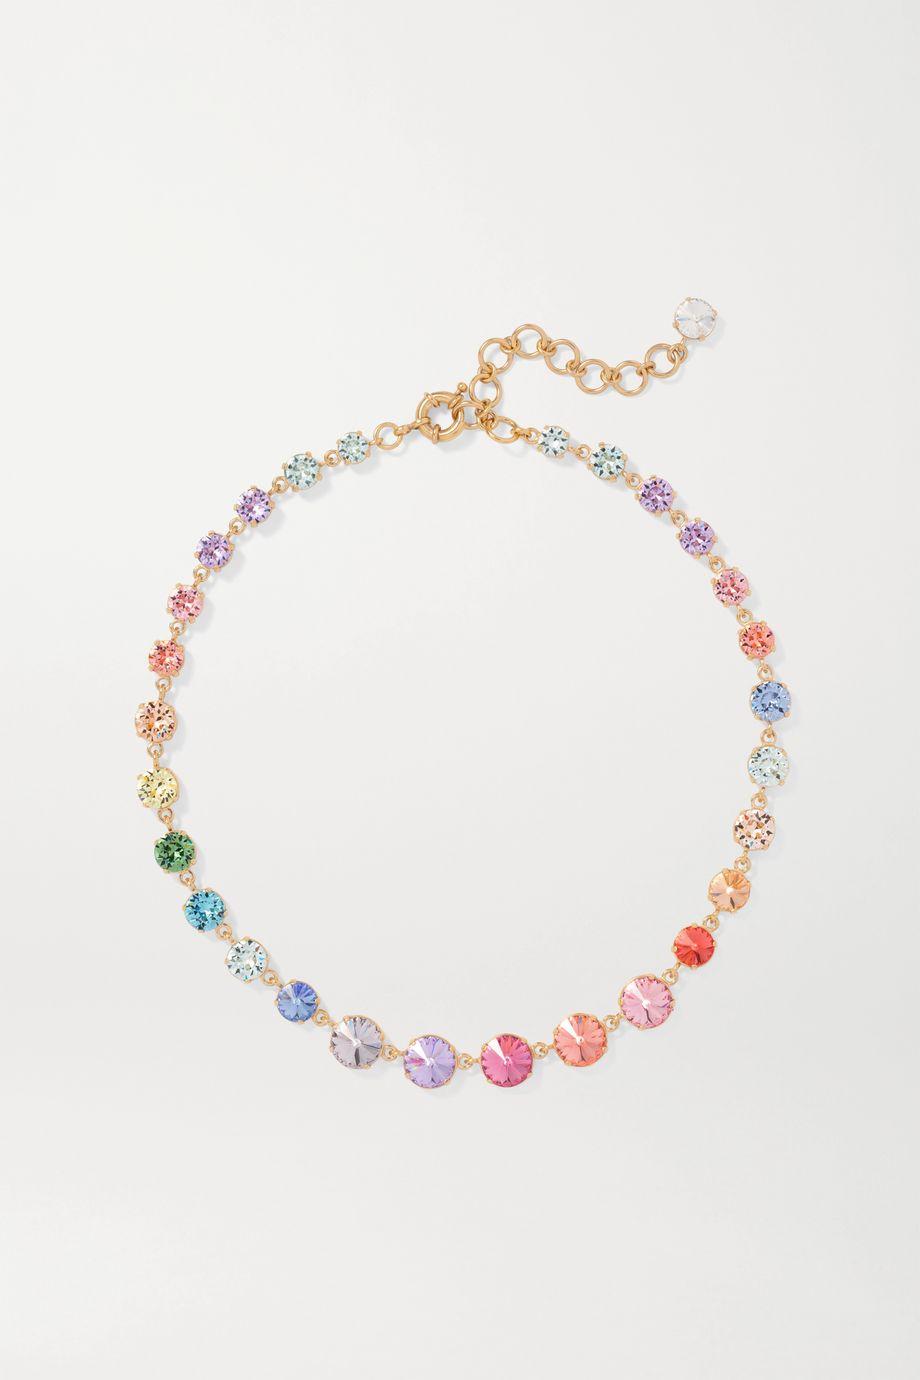 Roxanne Assoulin Collier en plaqué or et cristaux Swarovski Technicolor Mini